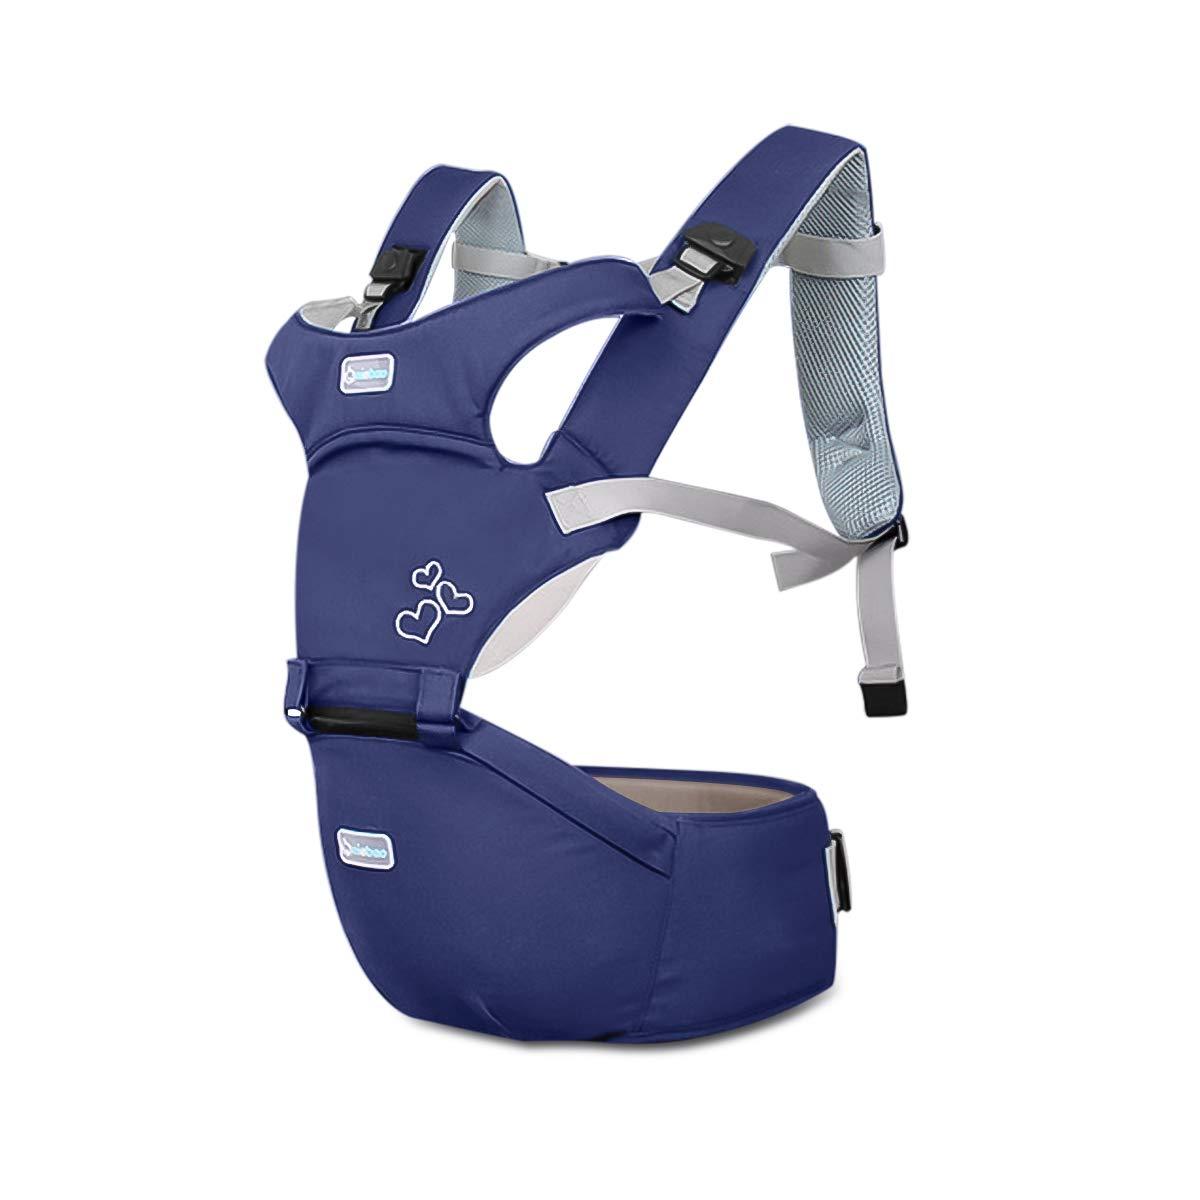 SONARIN 3-in-1 Multifunktions-Premium-Babytrage mit abnehmbarem Hüftsitz, atmungsaktive Mesh-Rückseite,Ergonomische,100% Baumwolle,Aufblasbarer Hocker,An das Wachstum Ihres Kindes anpassen